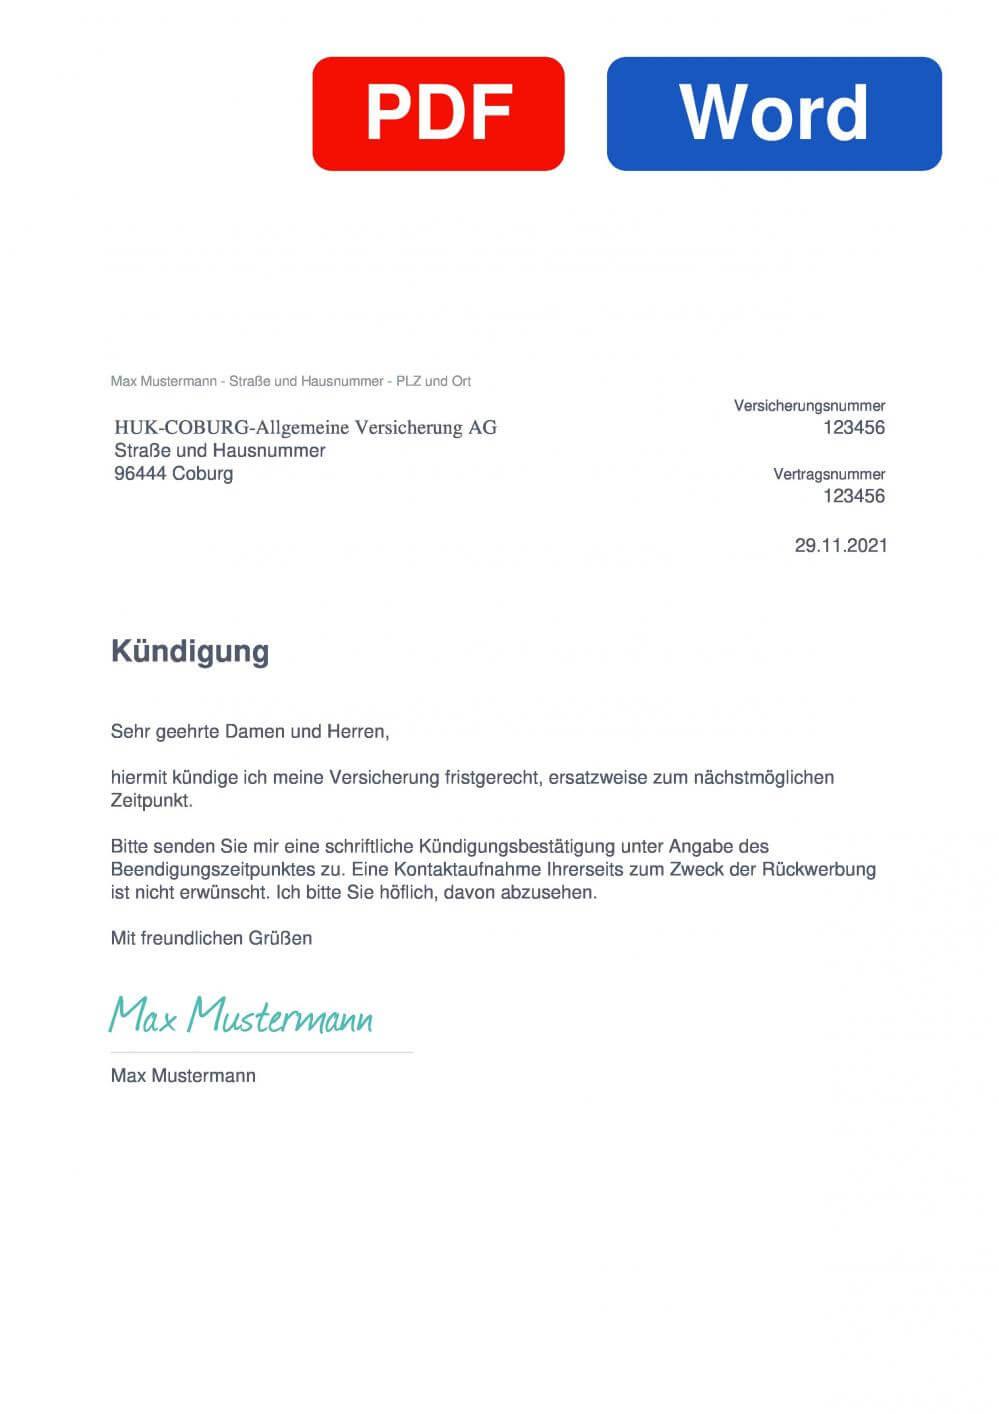 HUK Coburg Versicherung Muster Vorlage für Kündigungsschreiben